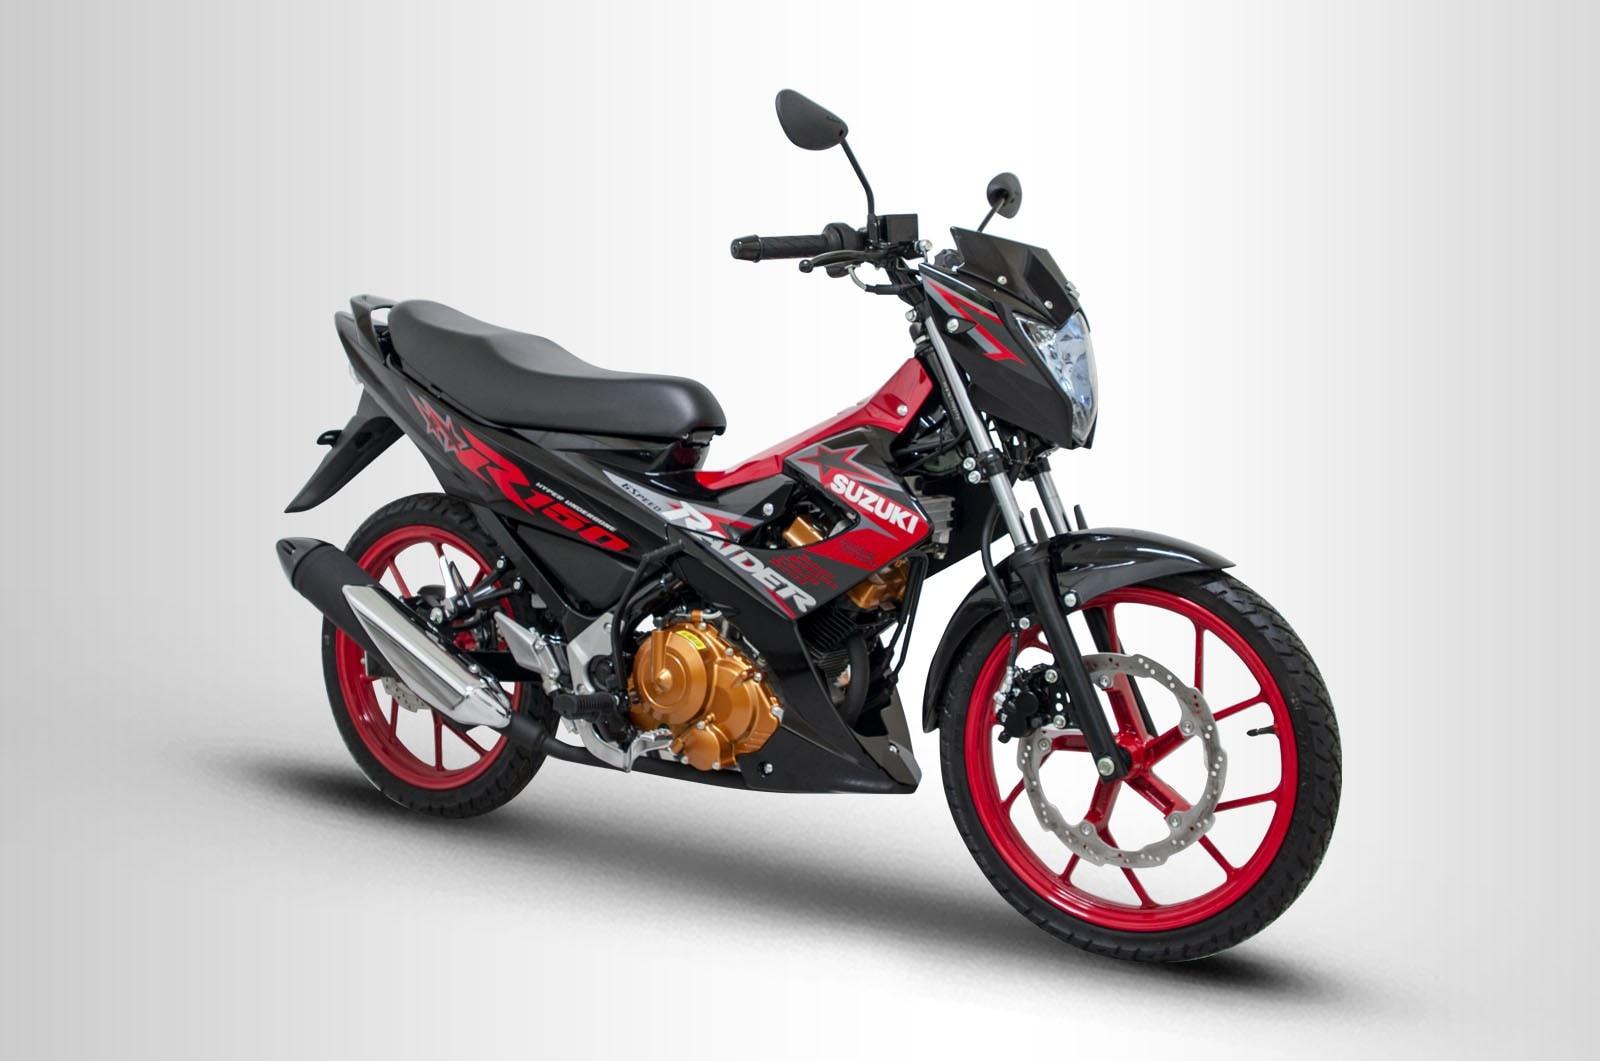 SUZUKI Raider R150 Premium Colors